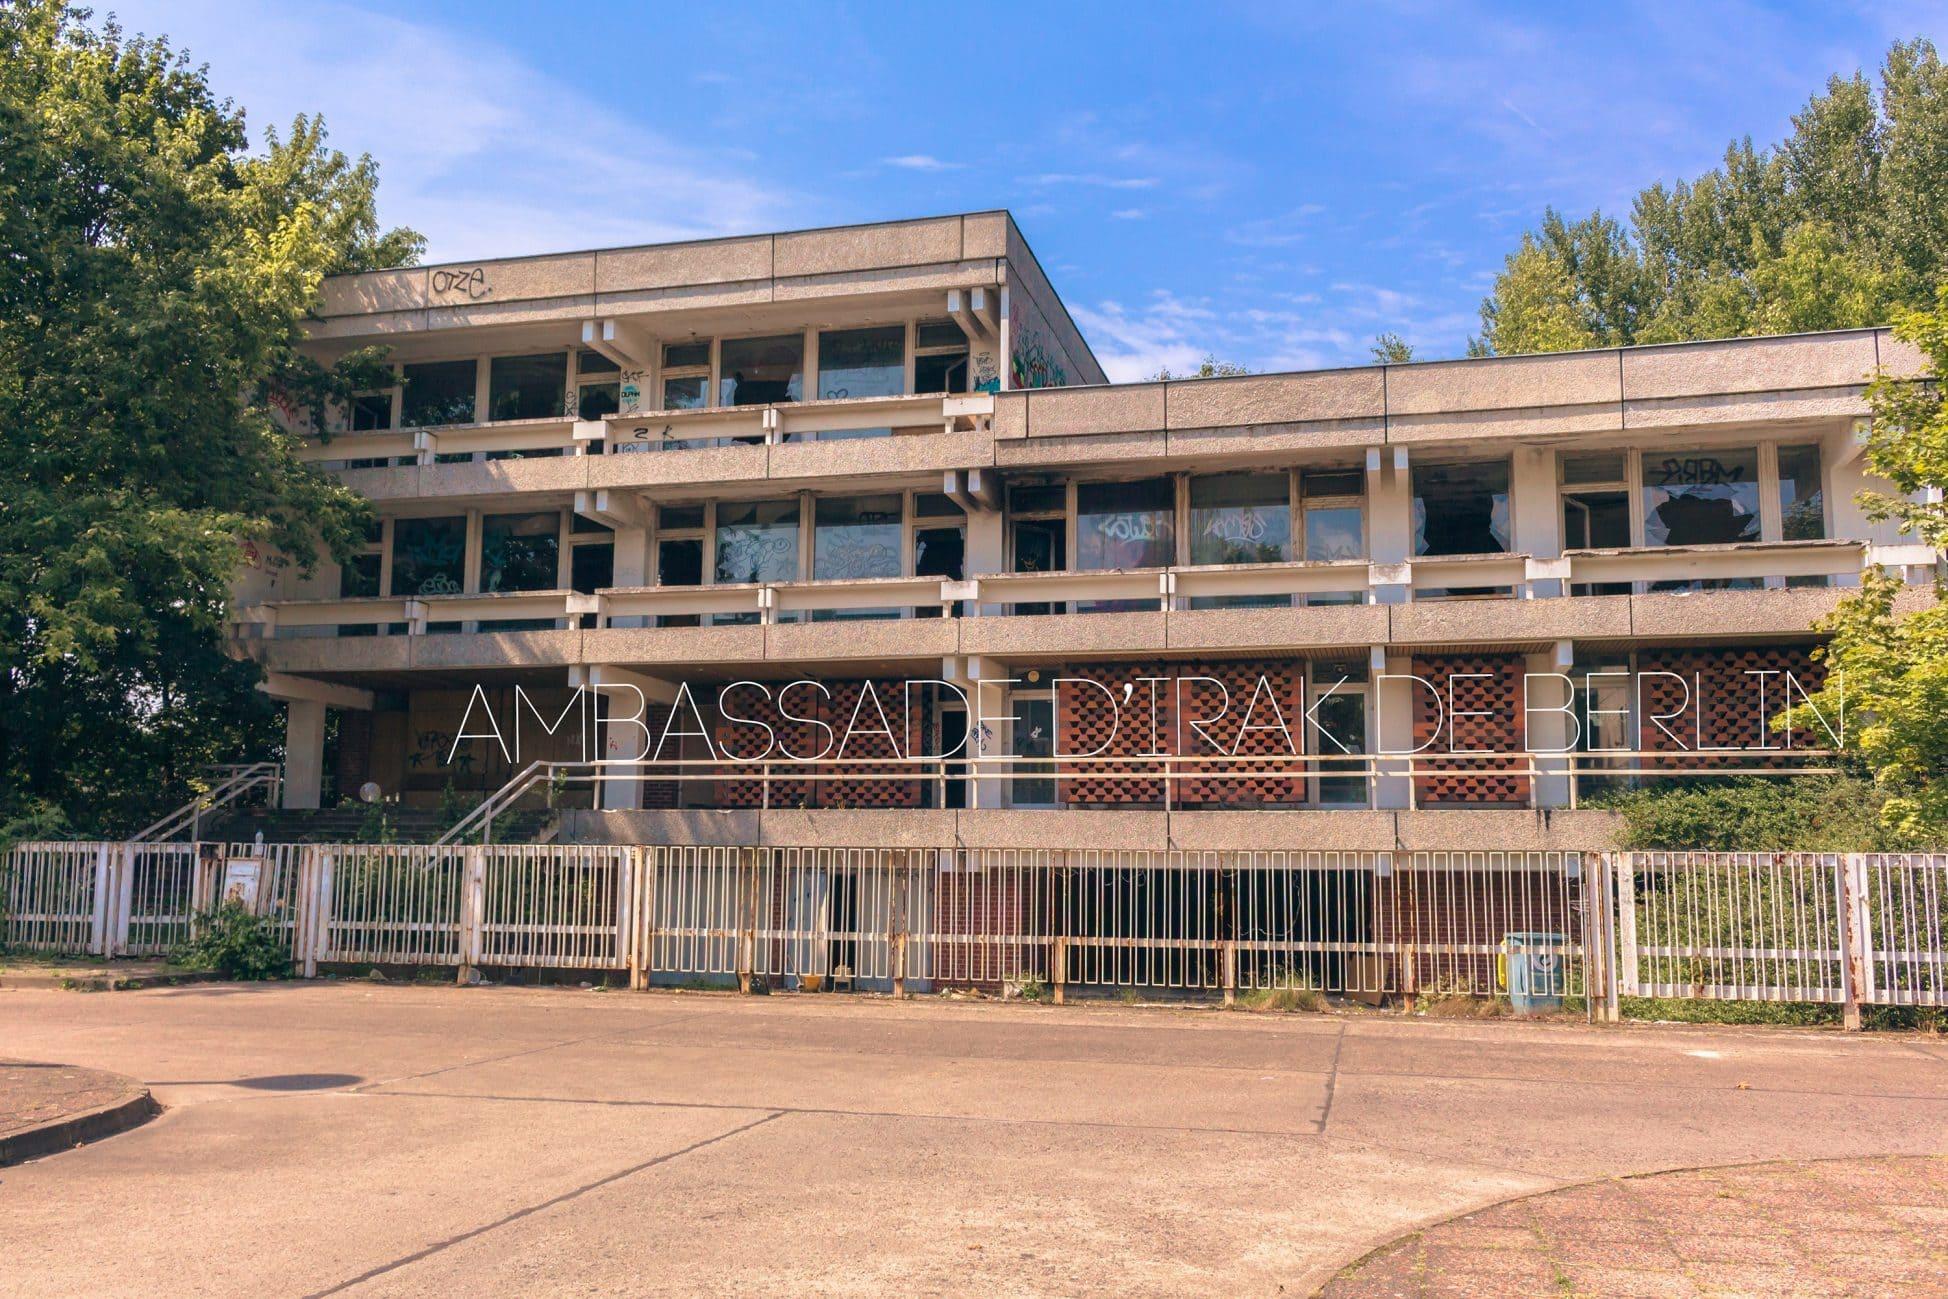 Ambassade d'Irak abandonnée à Berlin